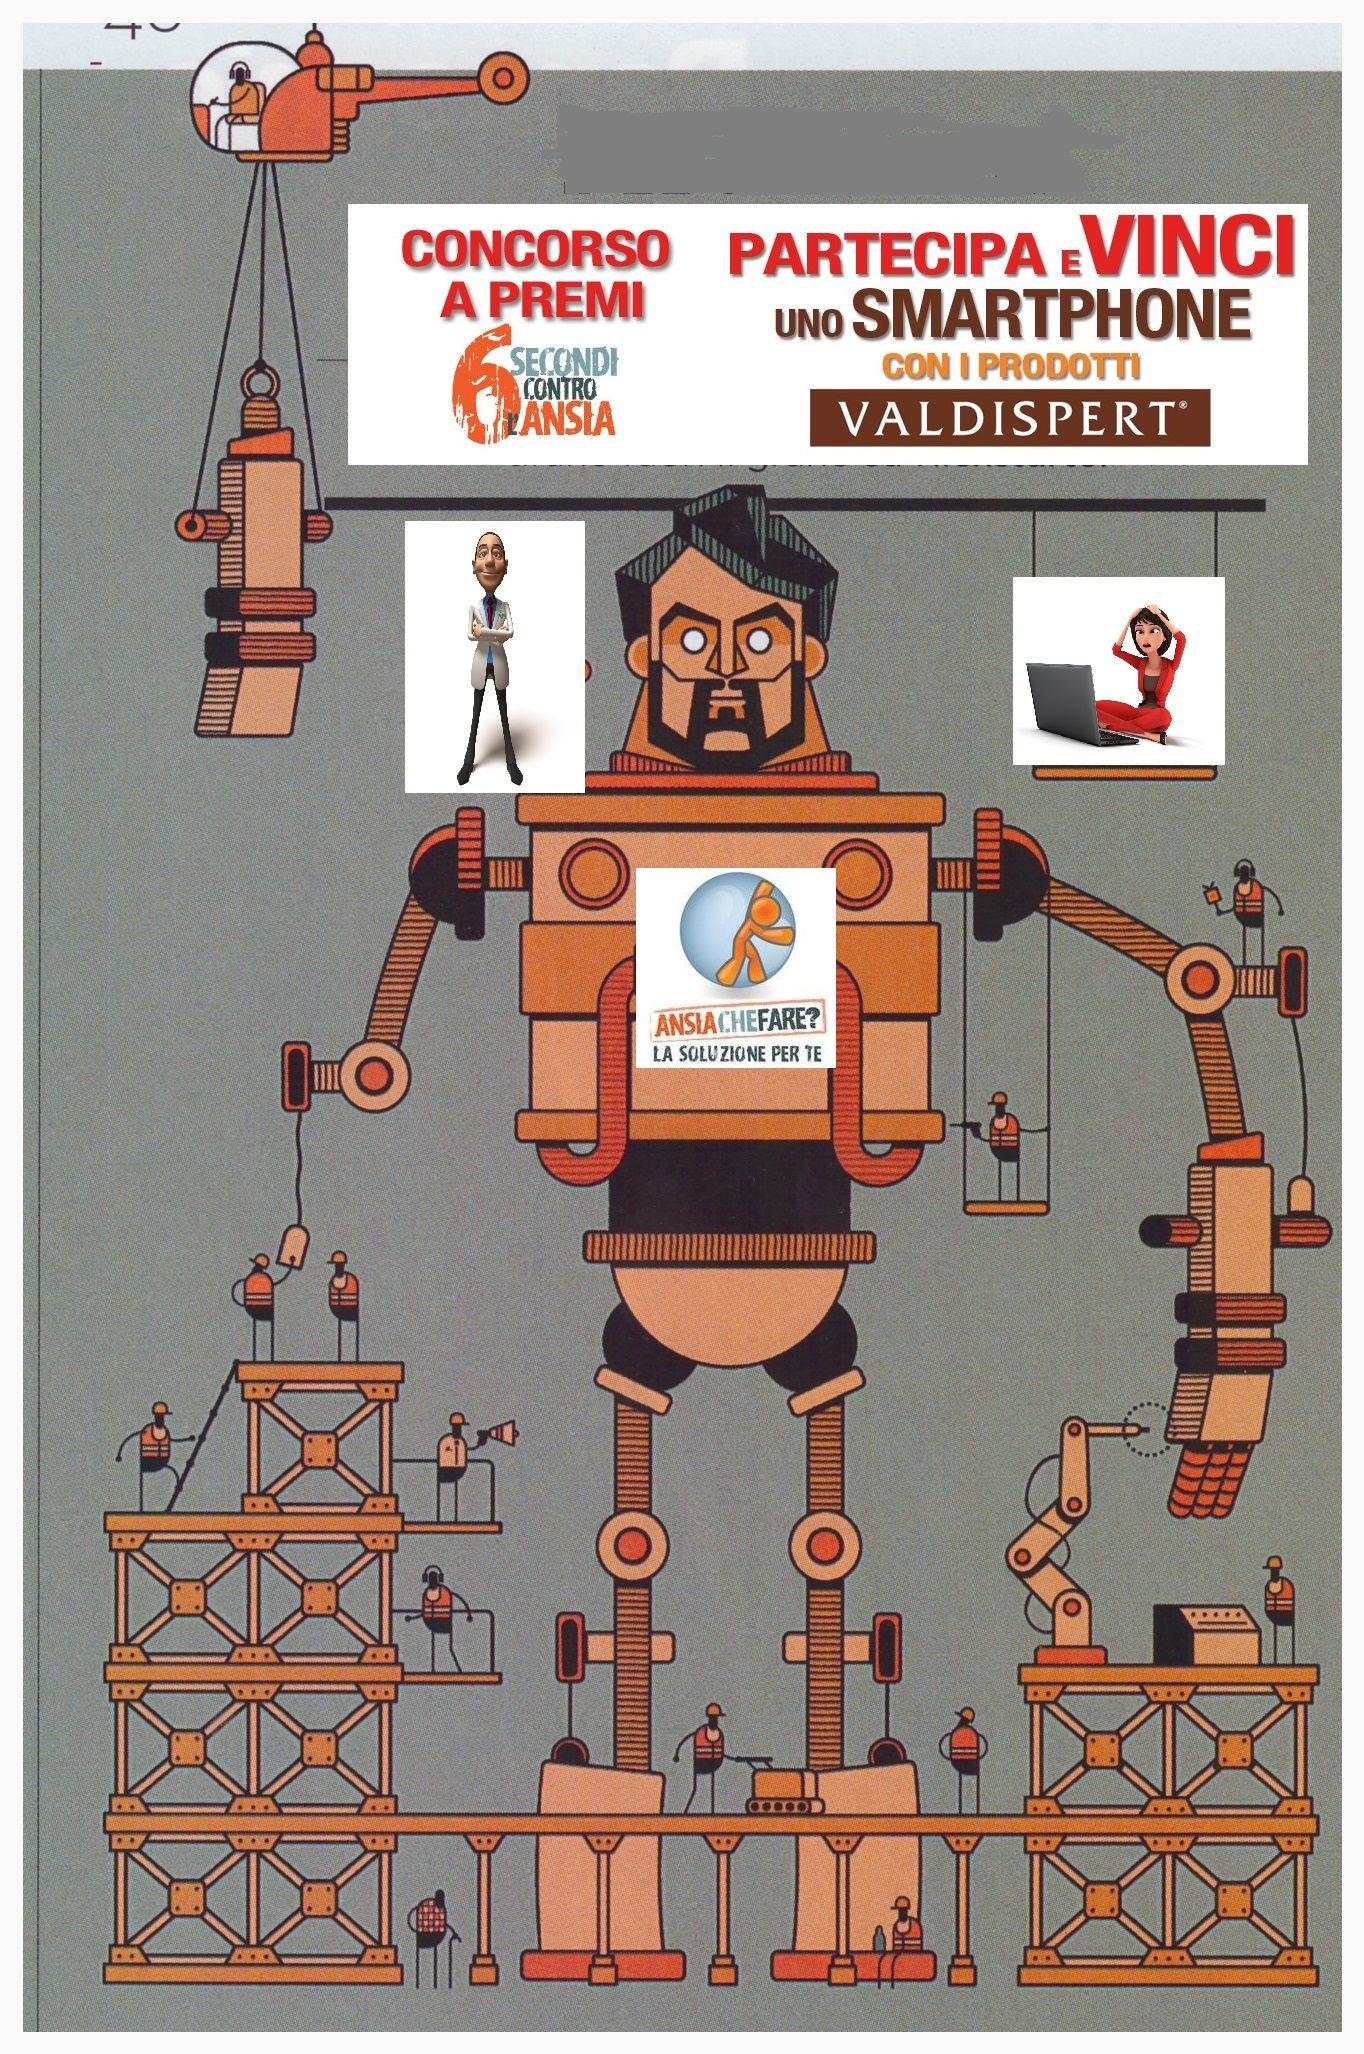 Concorso a premi: vinci con i prodotti Valdispert®